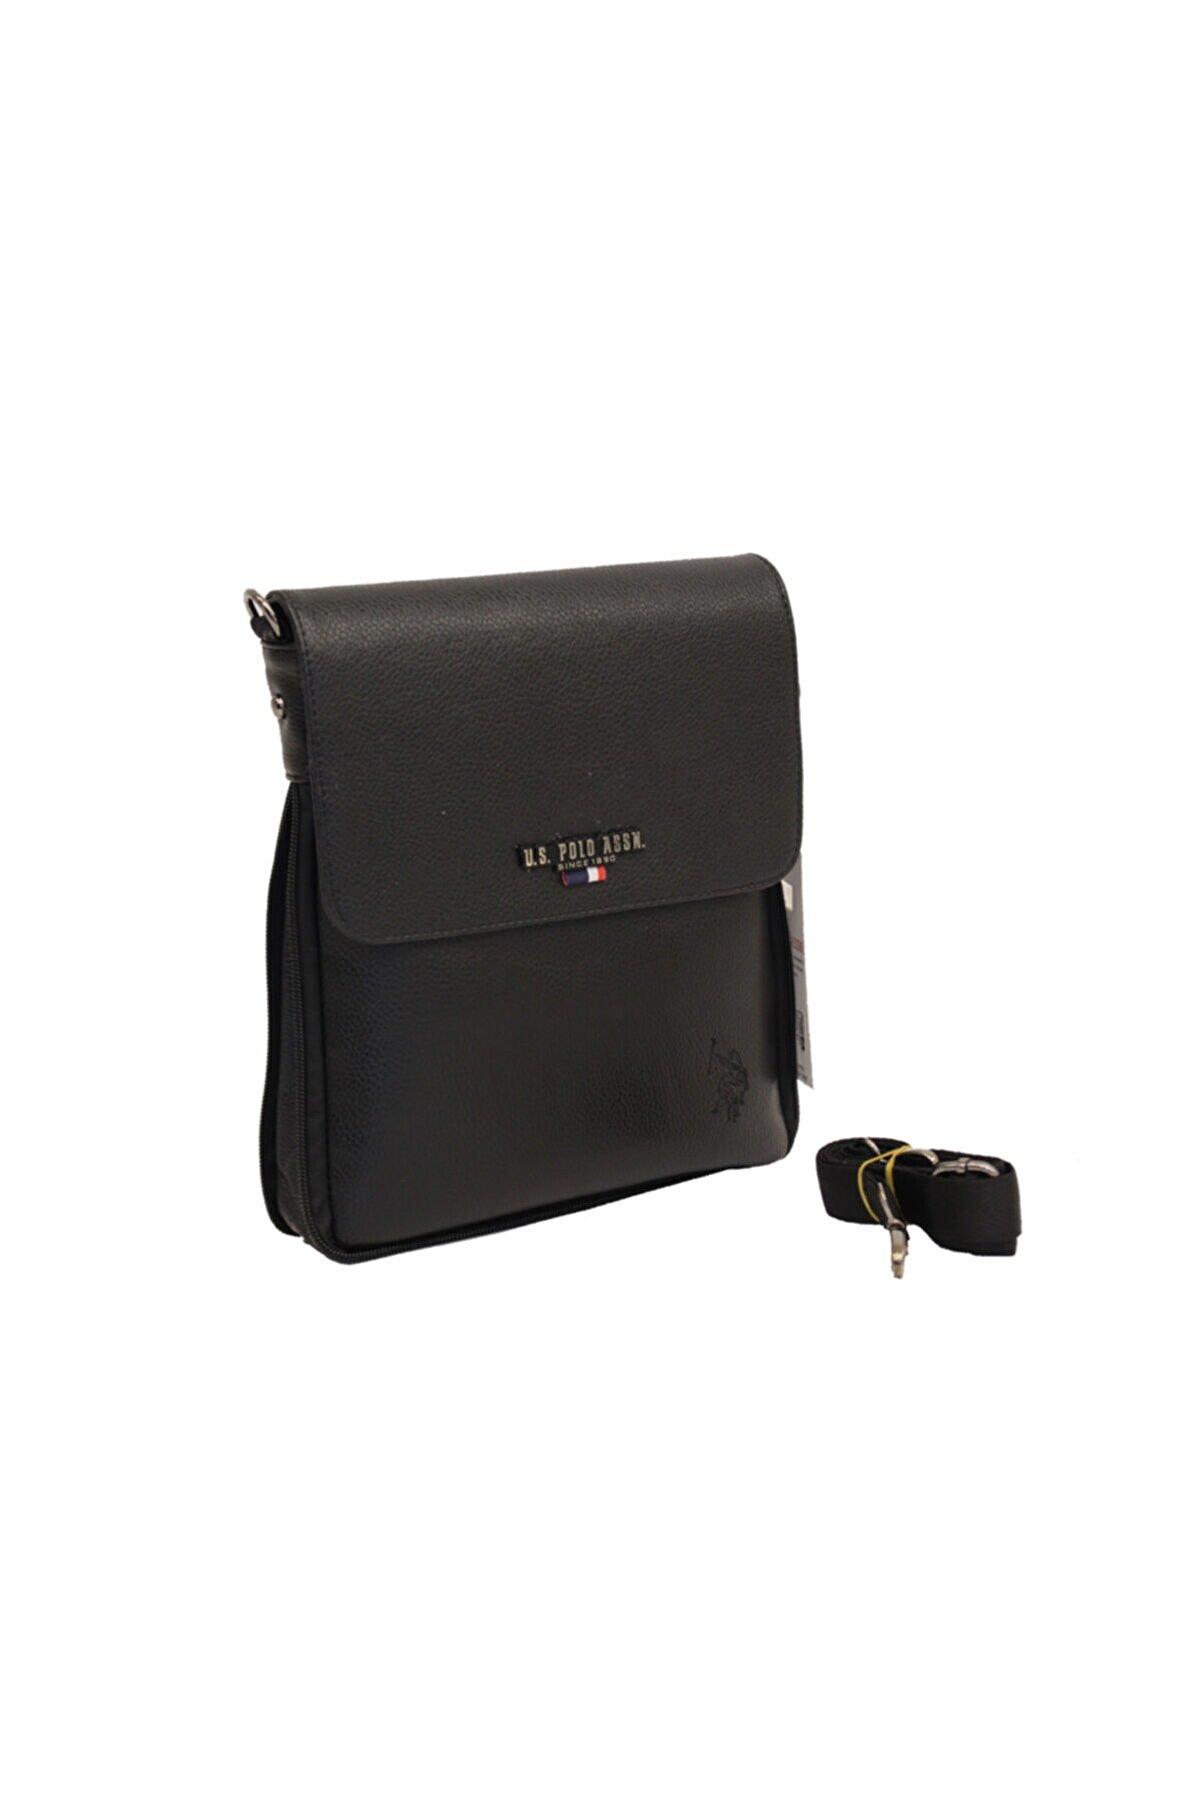 US Polo Assn Siyah Erkek Laptop & Evrak Çantası 8681379483797